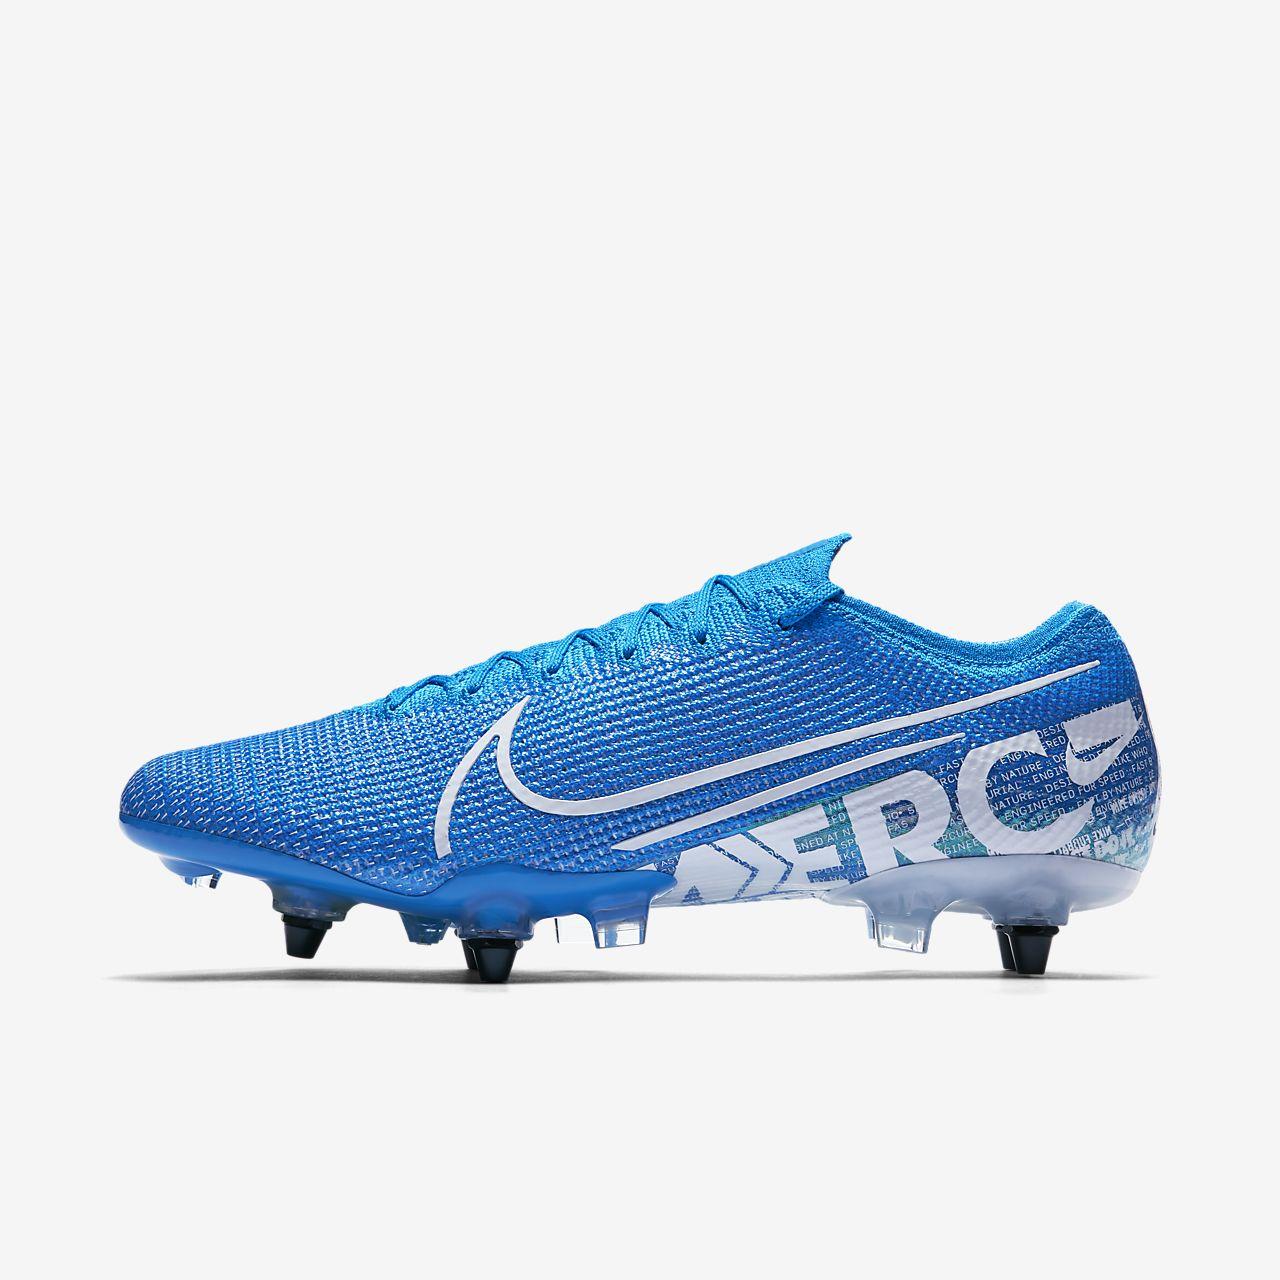 Nike Mercurial Vapor 13 Elite SG-PRO Anti-clog-fodboldstøvle til vådt græs